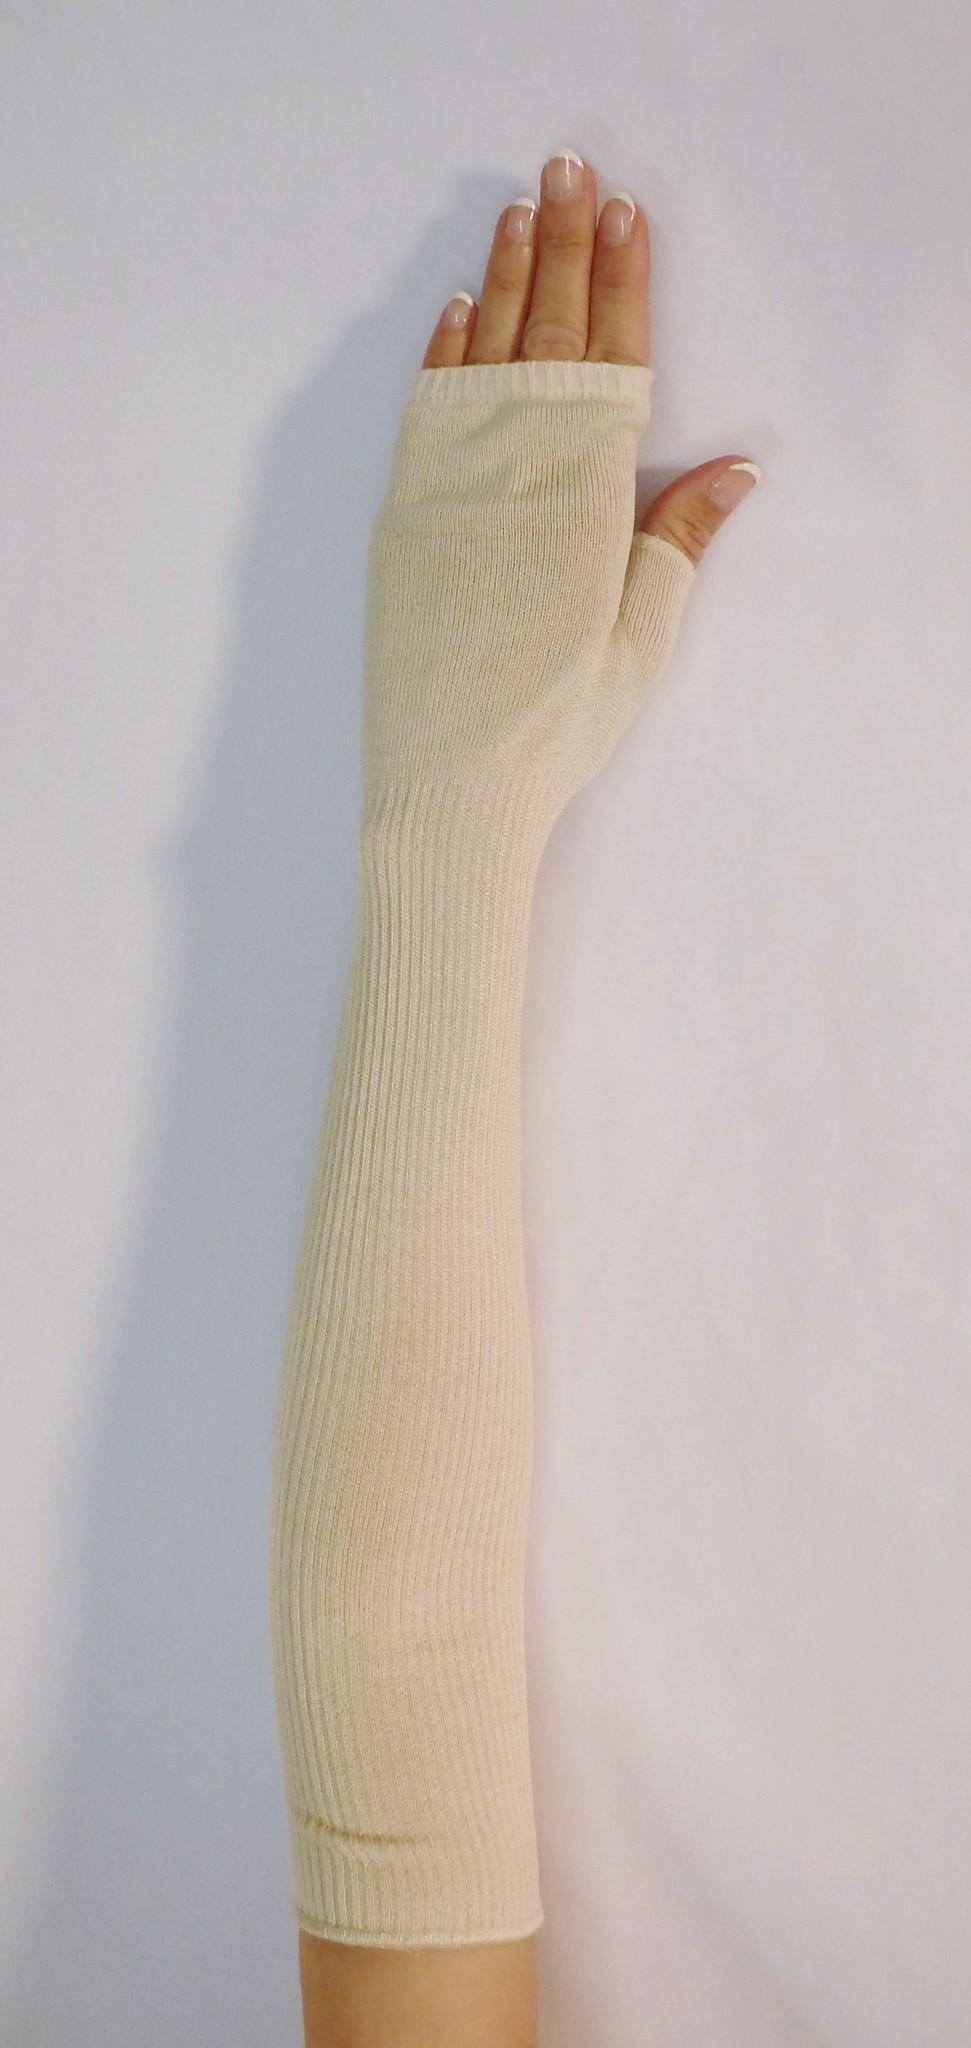 Silk fingerless gloves.